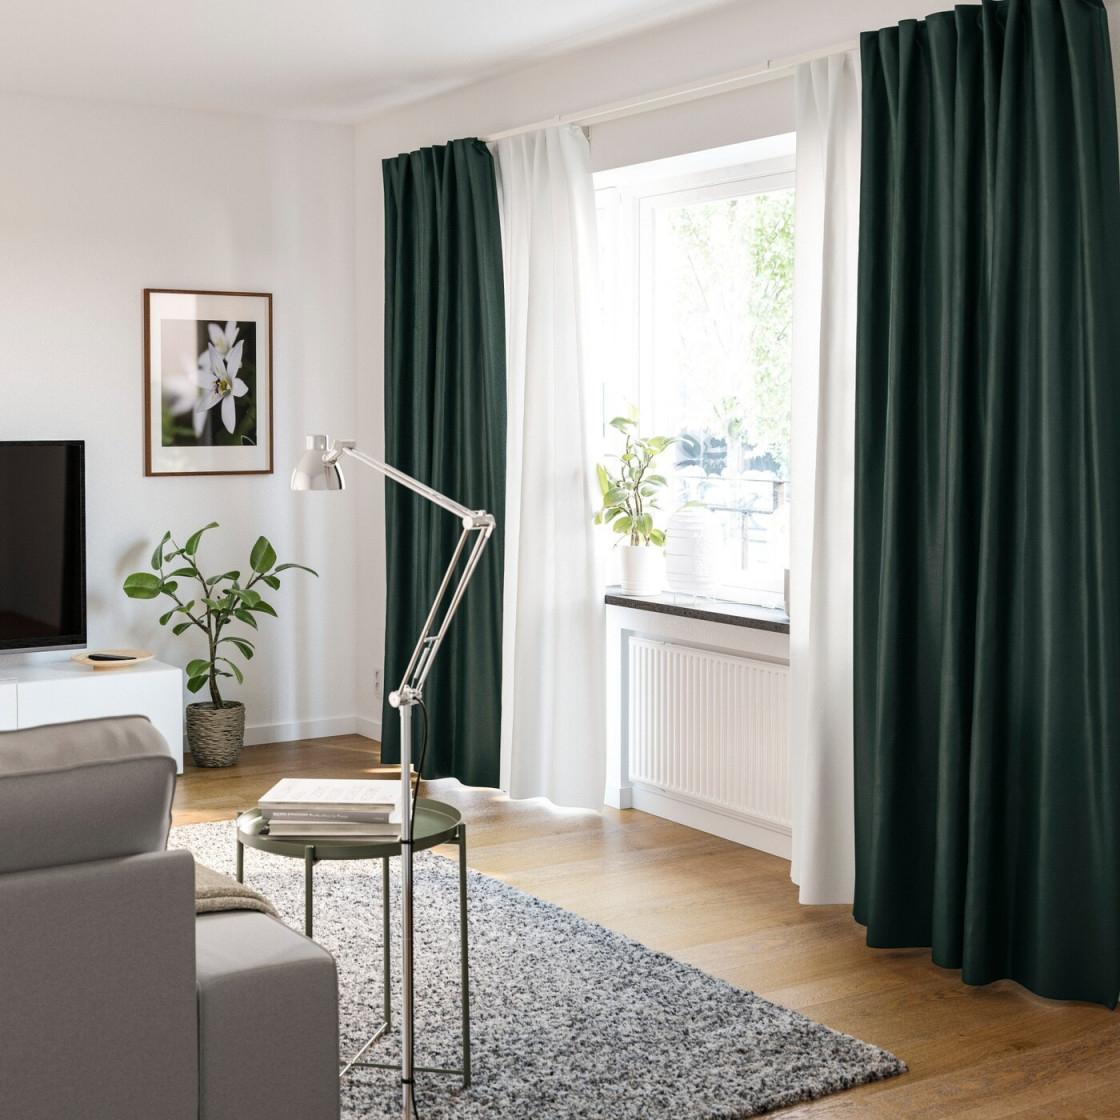 Gardinenideen Inspirationen Für Dein Zuhause  Ikea von Graue Gardinen Wohnzimmer Bild